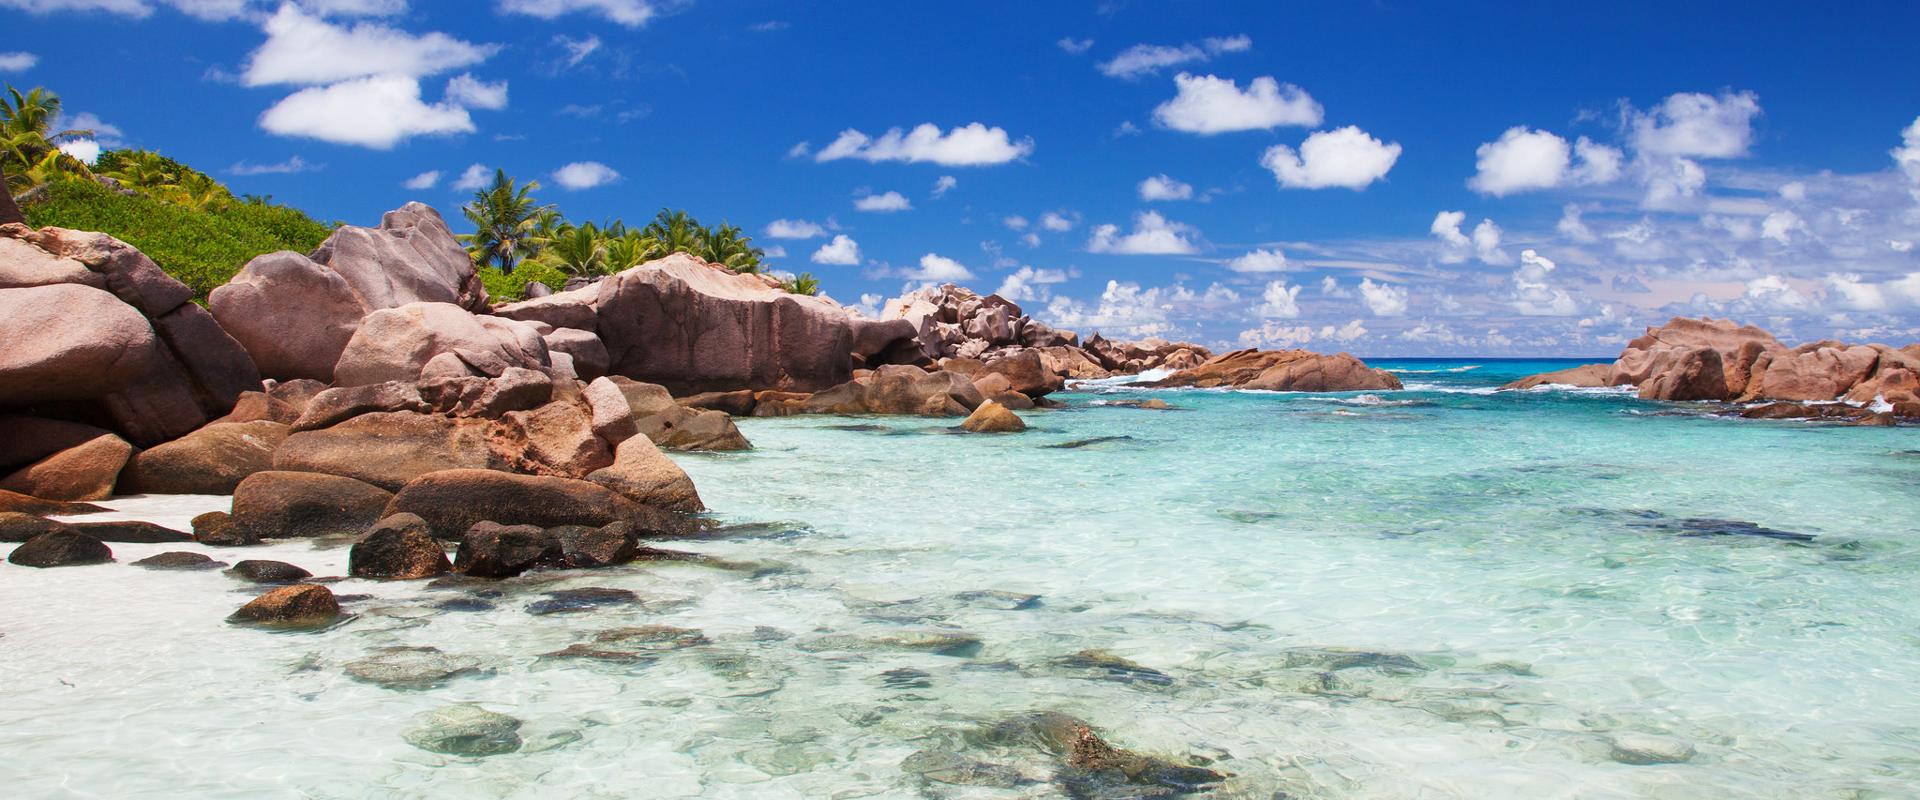 Seychelles   La Digue - Plage Cocos